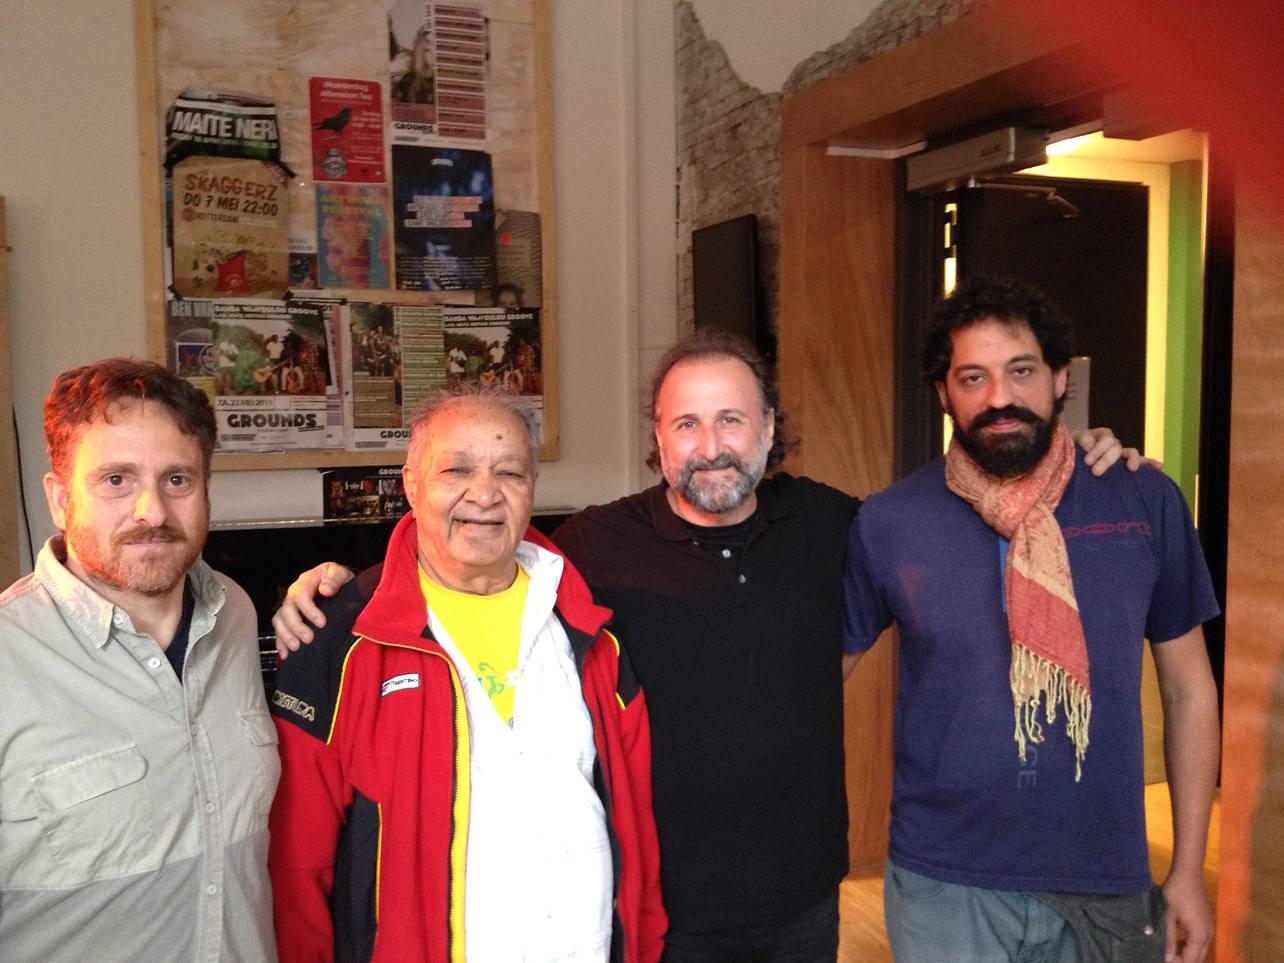 con Camerata Flamenco Project en Codarts con Hariprasad Chaurasia